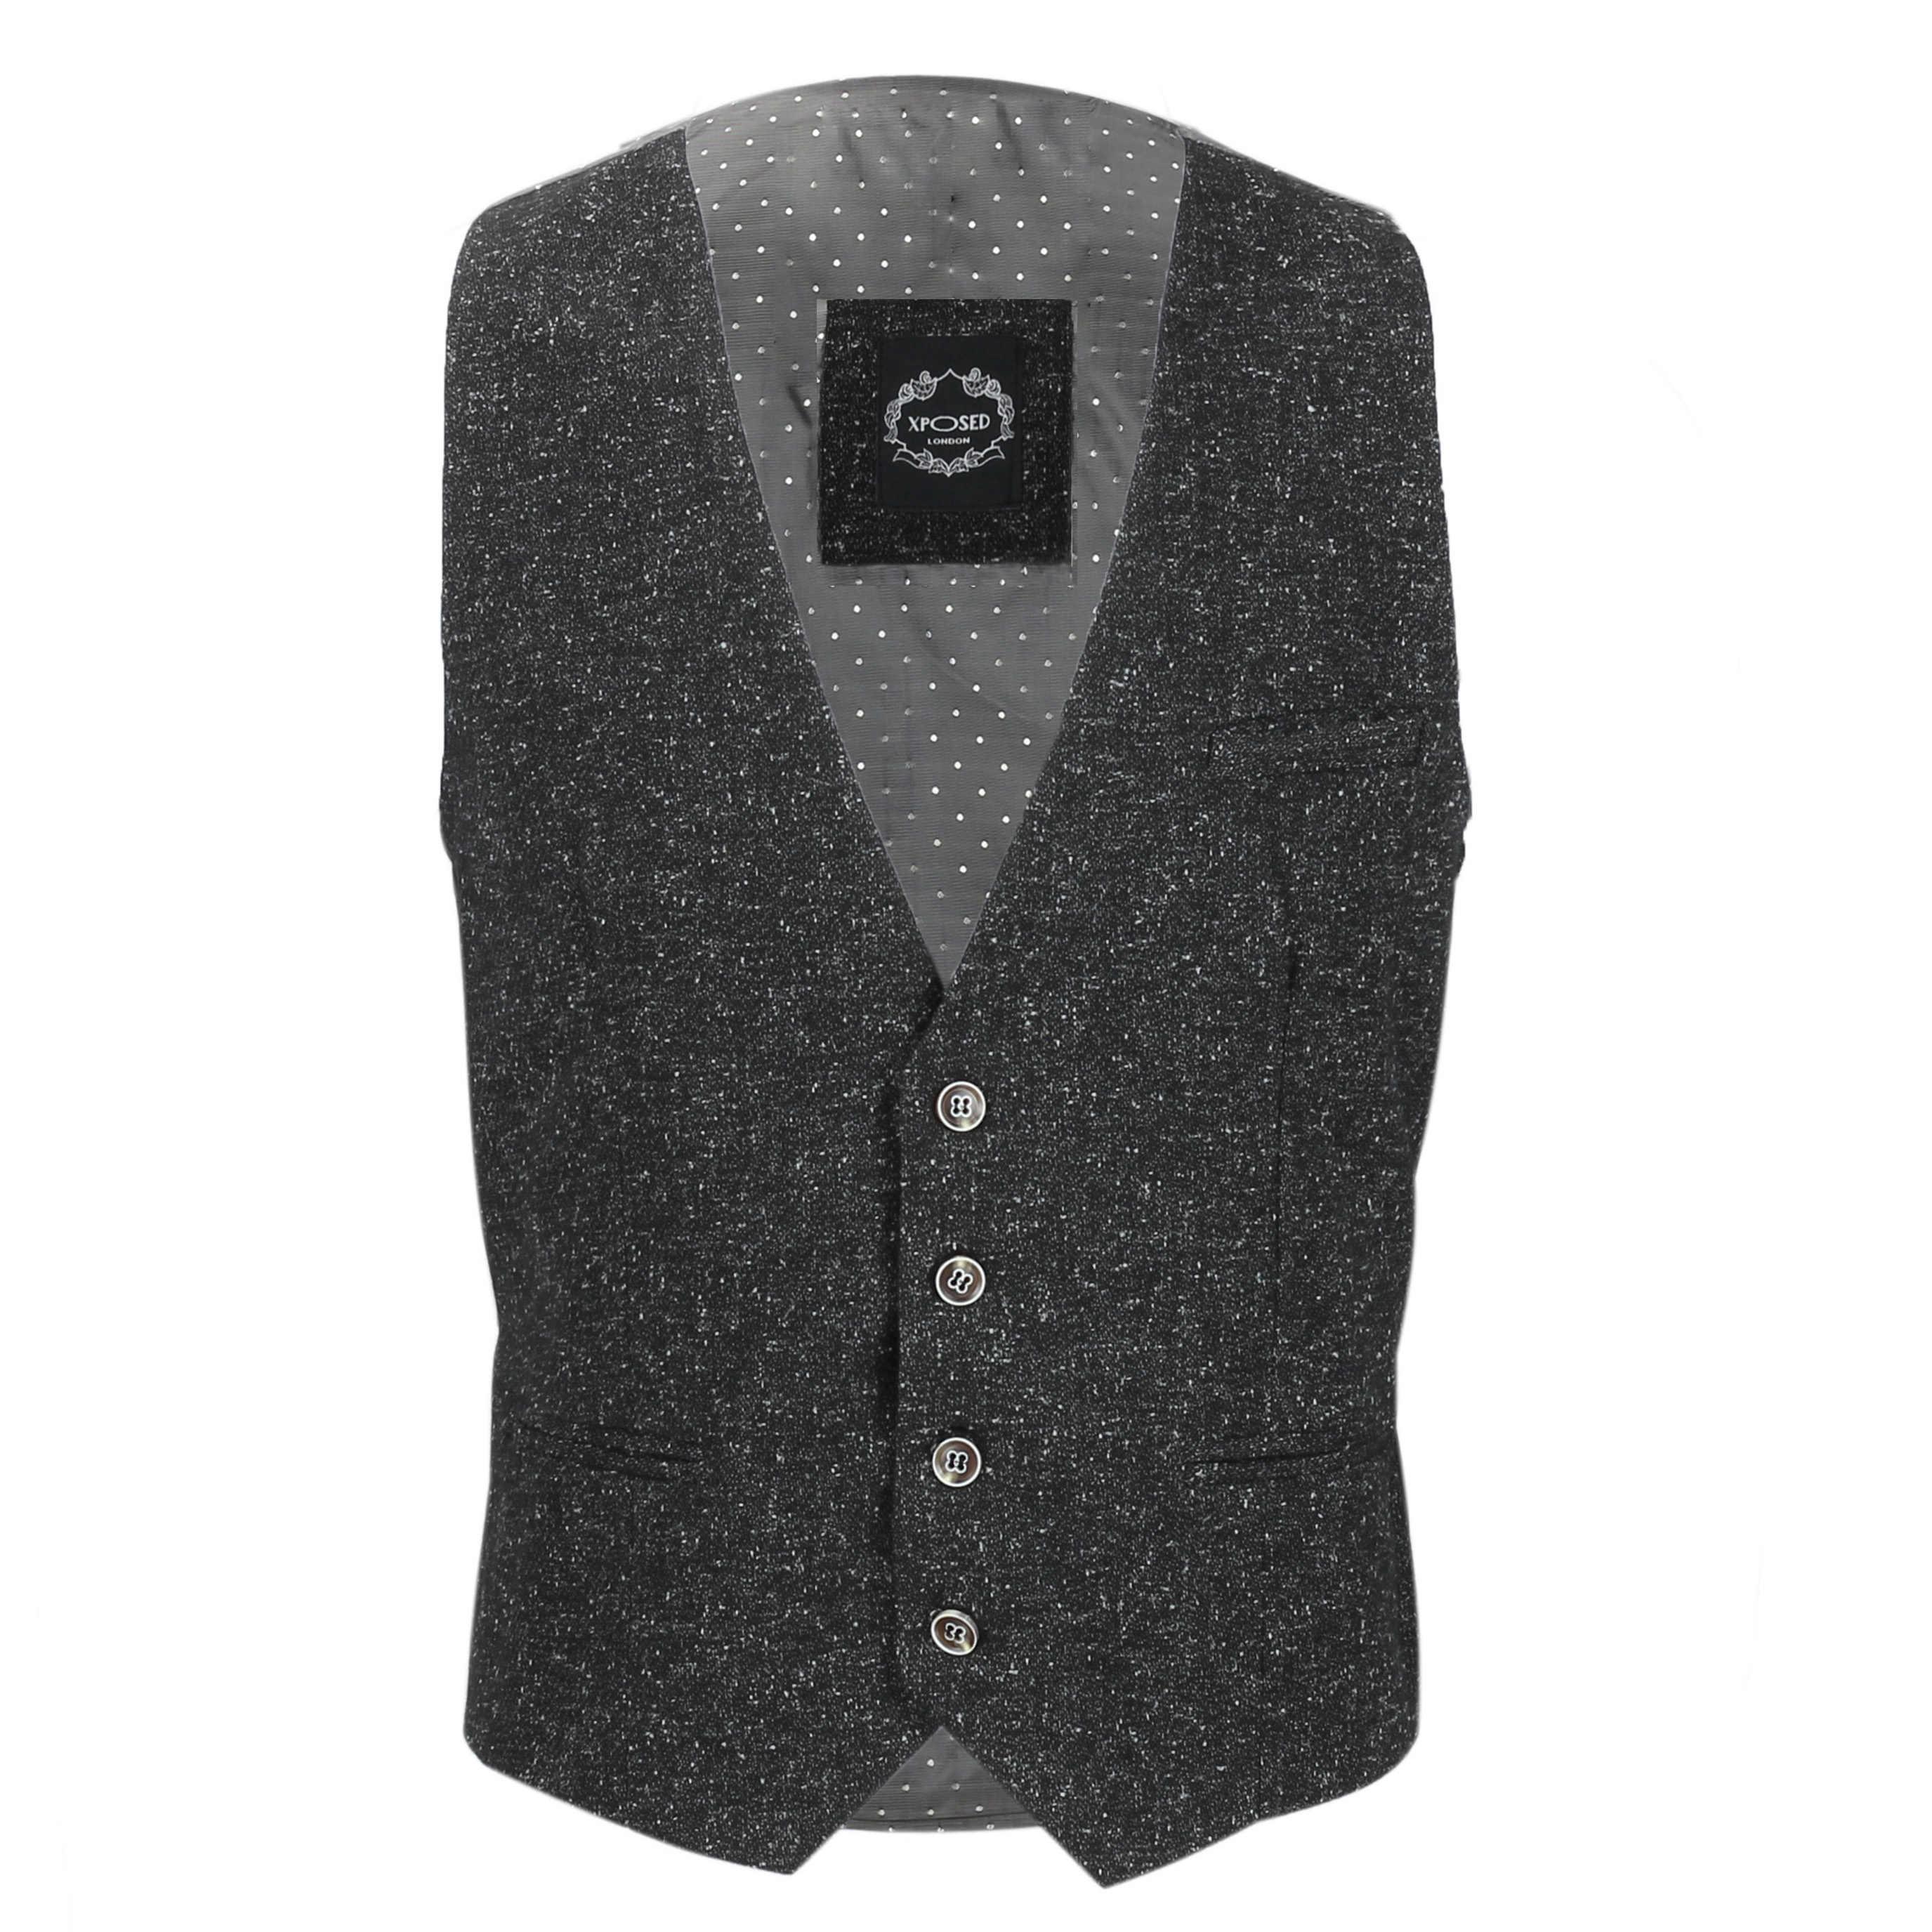 Nuevo-Chaleco-De-Hombre-Retro-Vintage-Marron-Tweed-Espiga-Roble-cheque-Smart-Casual miniatura 27